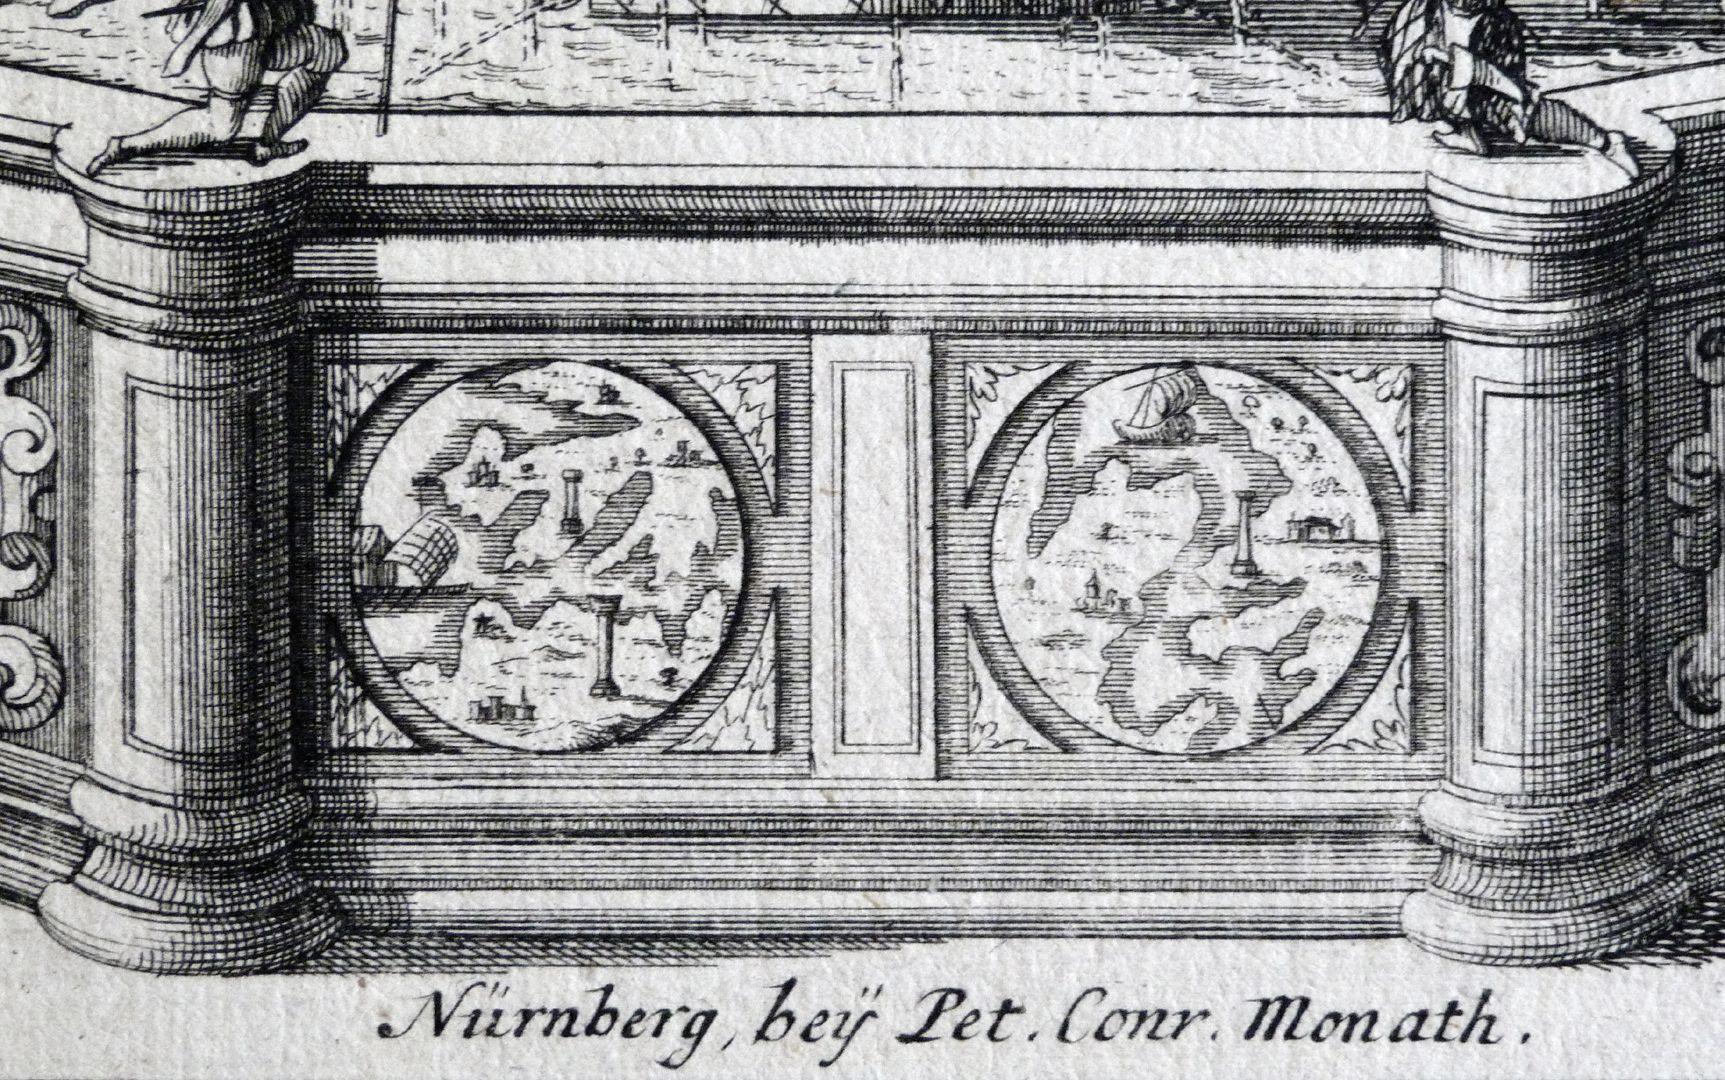 Neptunbrunnen Signatur von Peter Conrad Monath, darüber Beckenwange mit zwei Tondi: links die Herkulessäulen? rechts der Golf von Patras?